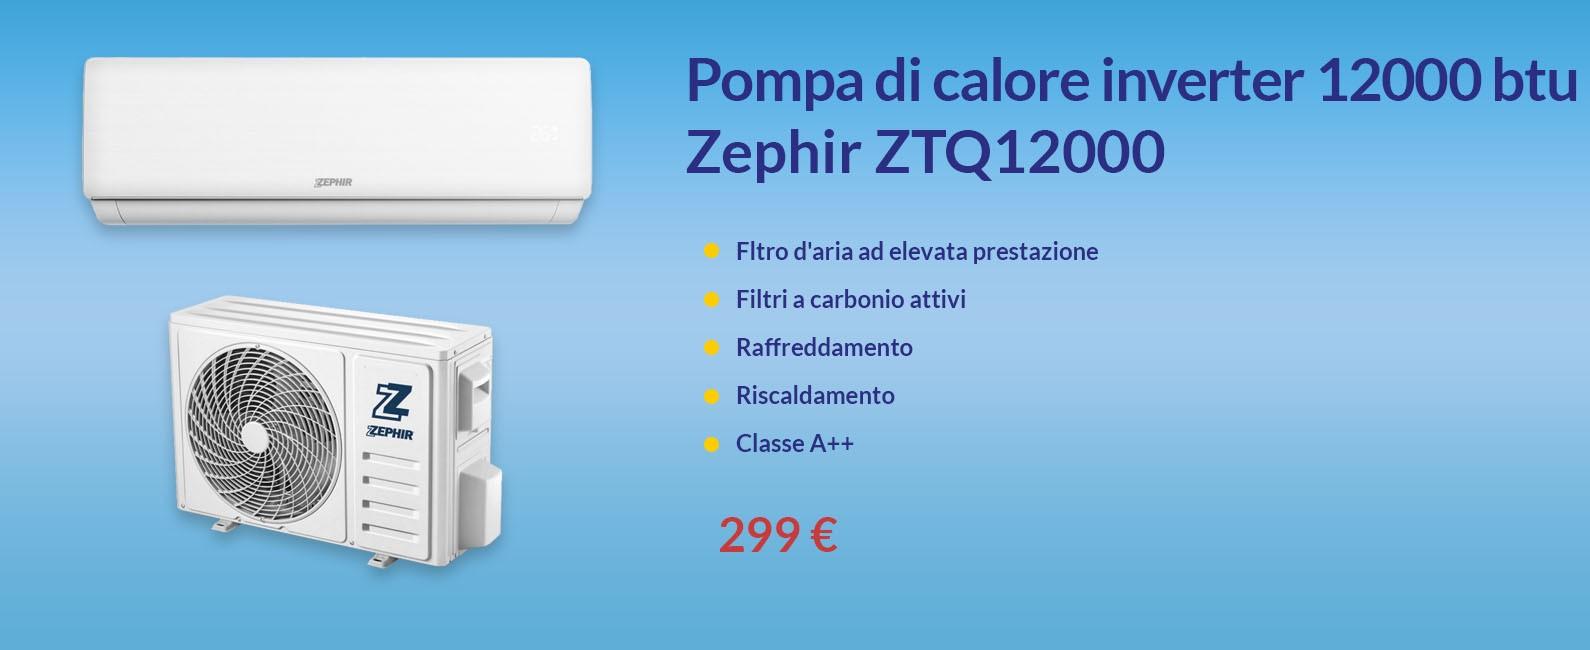 Pompa di calore inverter 12000 btu Zephir ZTQ12000